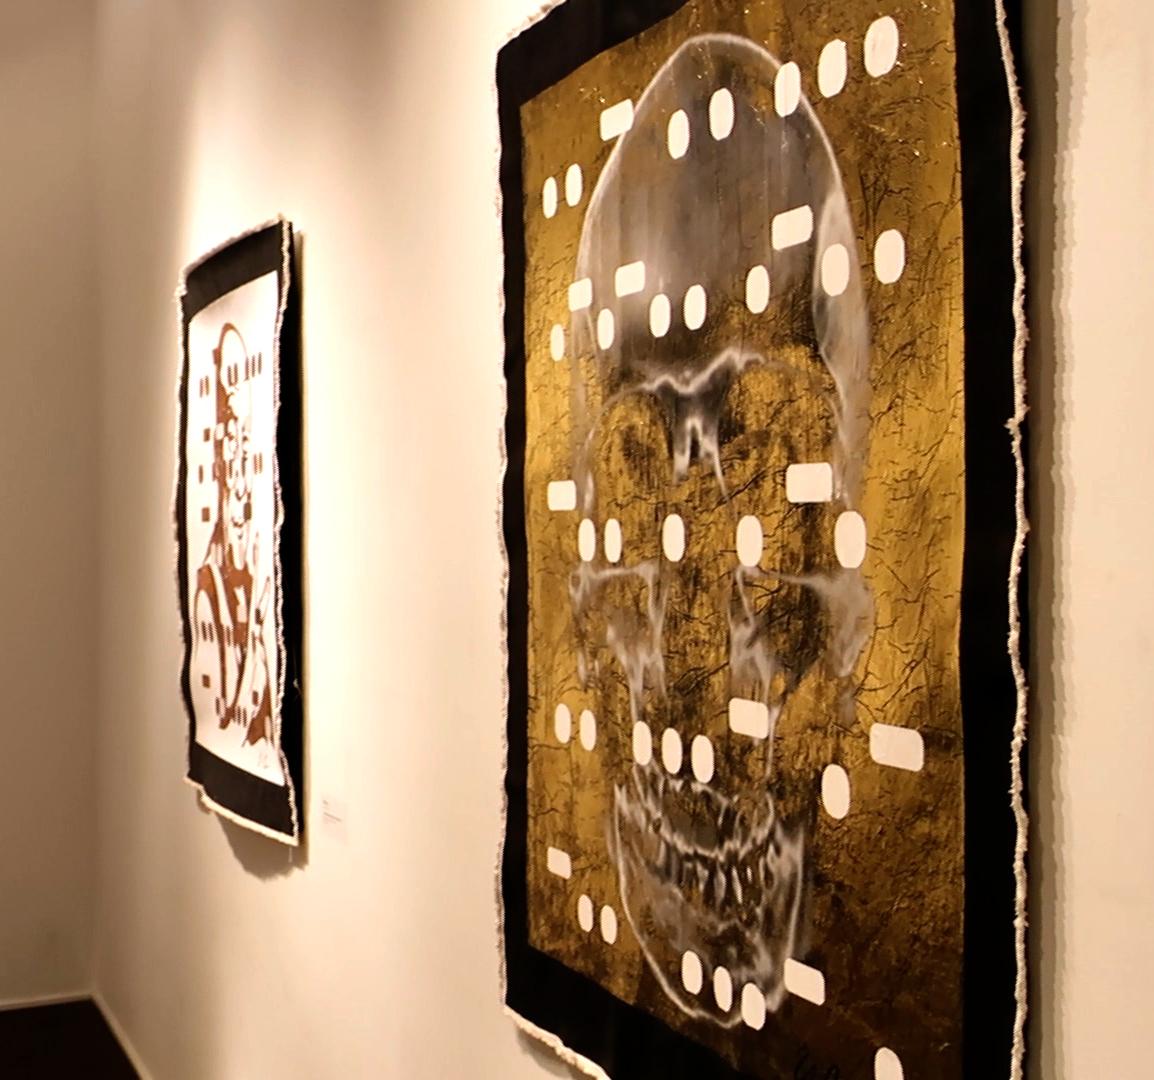 a skull icons.jpg